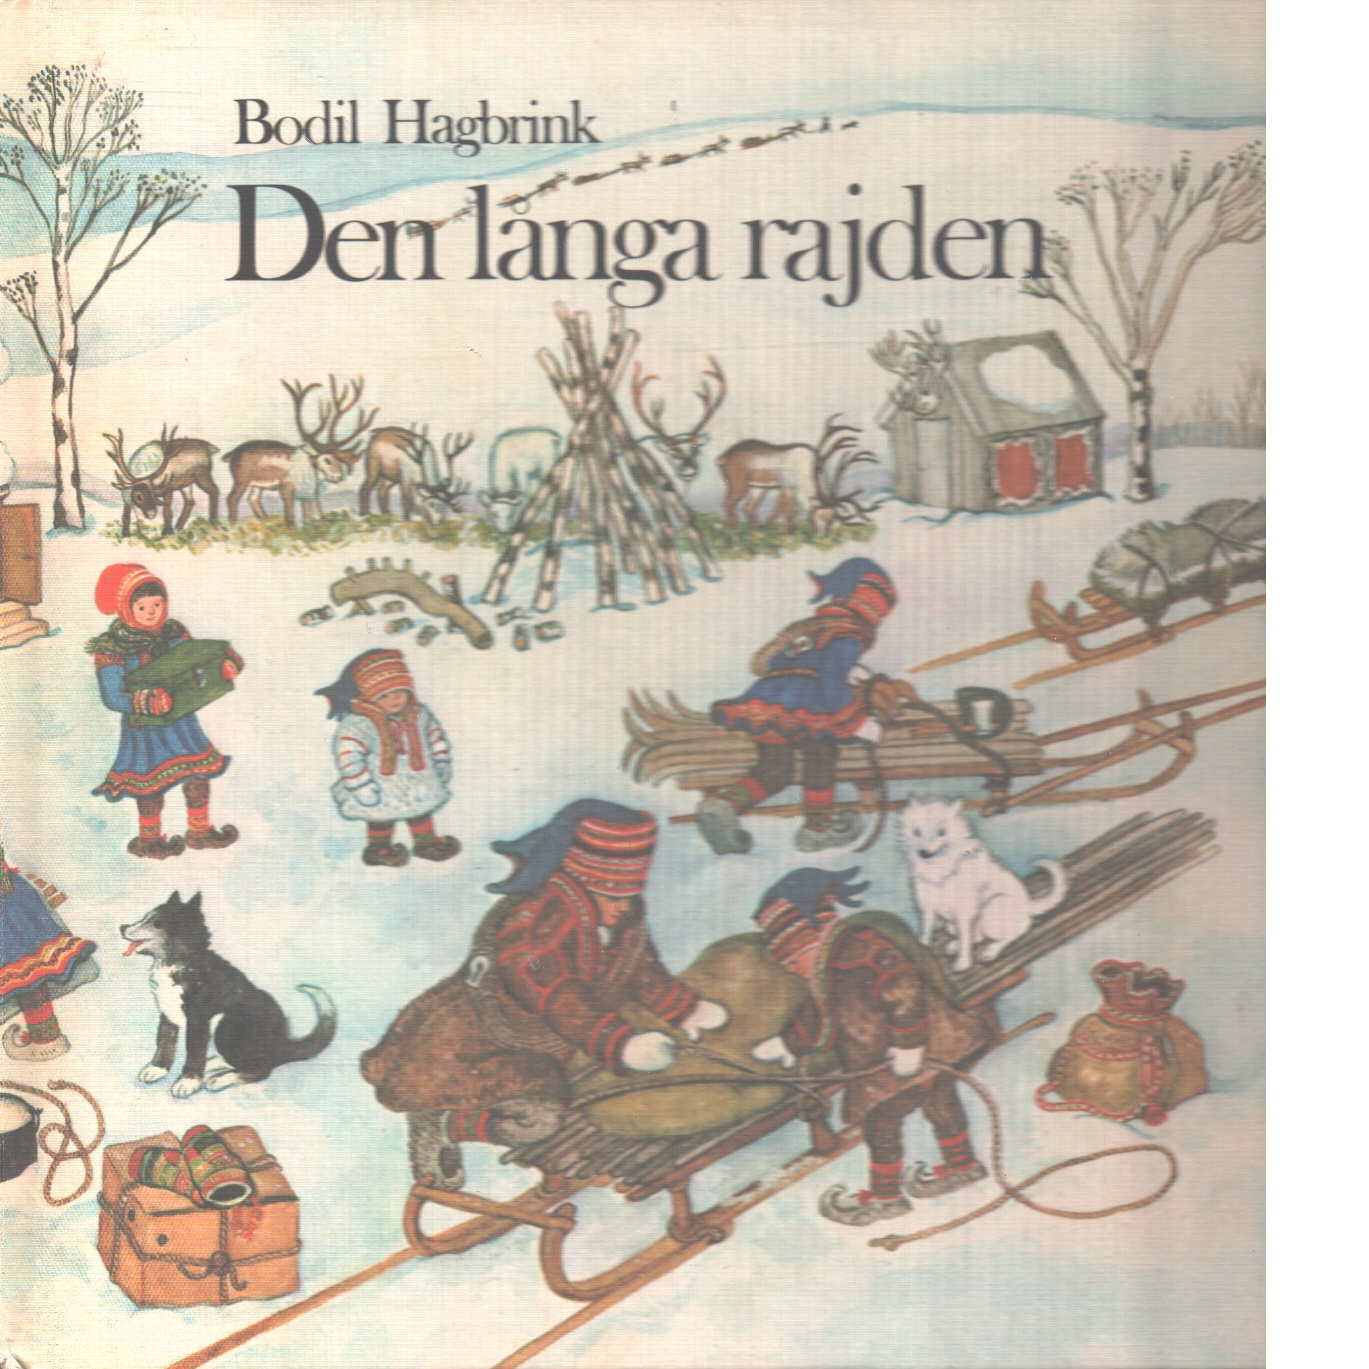 Den långa rajden - Hagbrink, Bodil